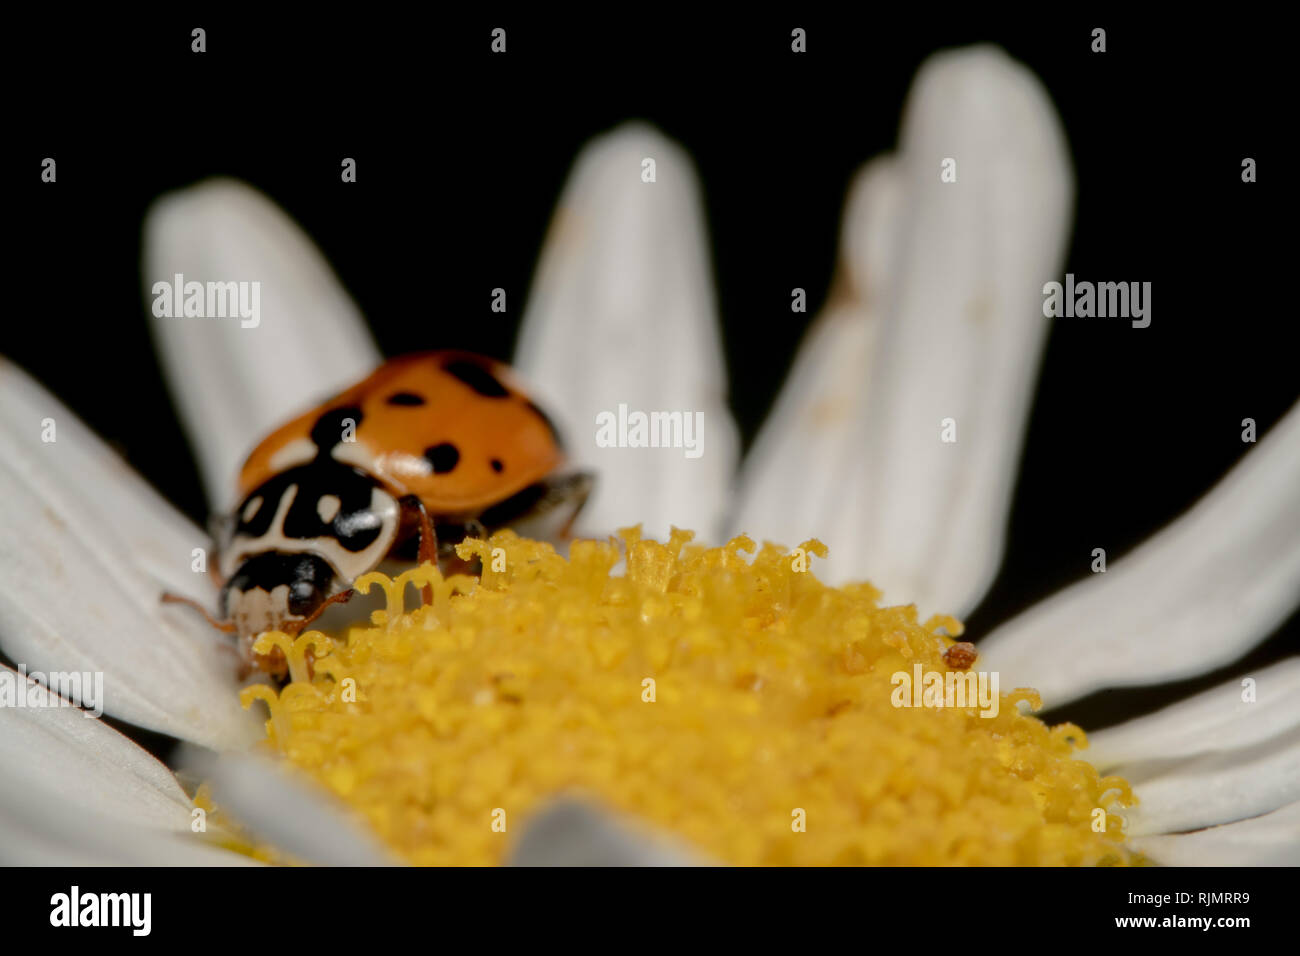 Orange Und Schwarz Spot Marienkäfer Kriechen Auf Eine Weiße Blume